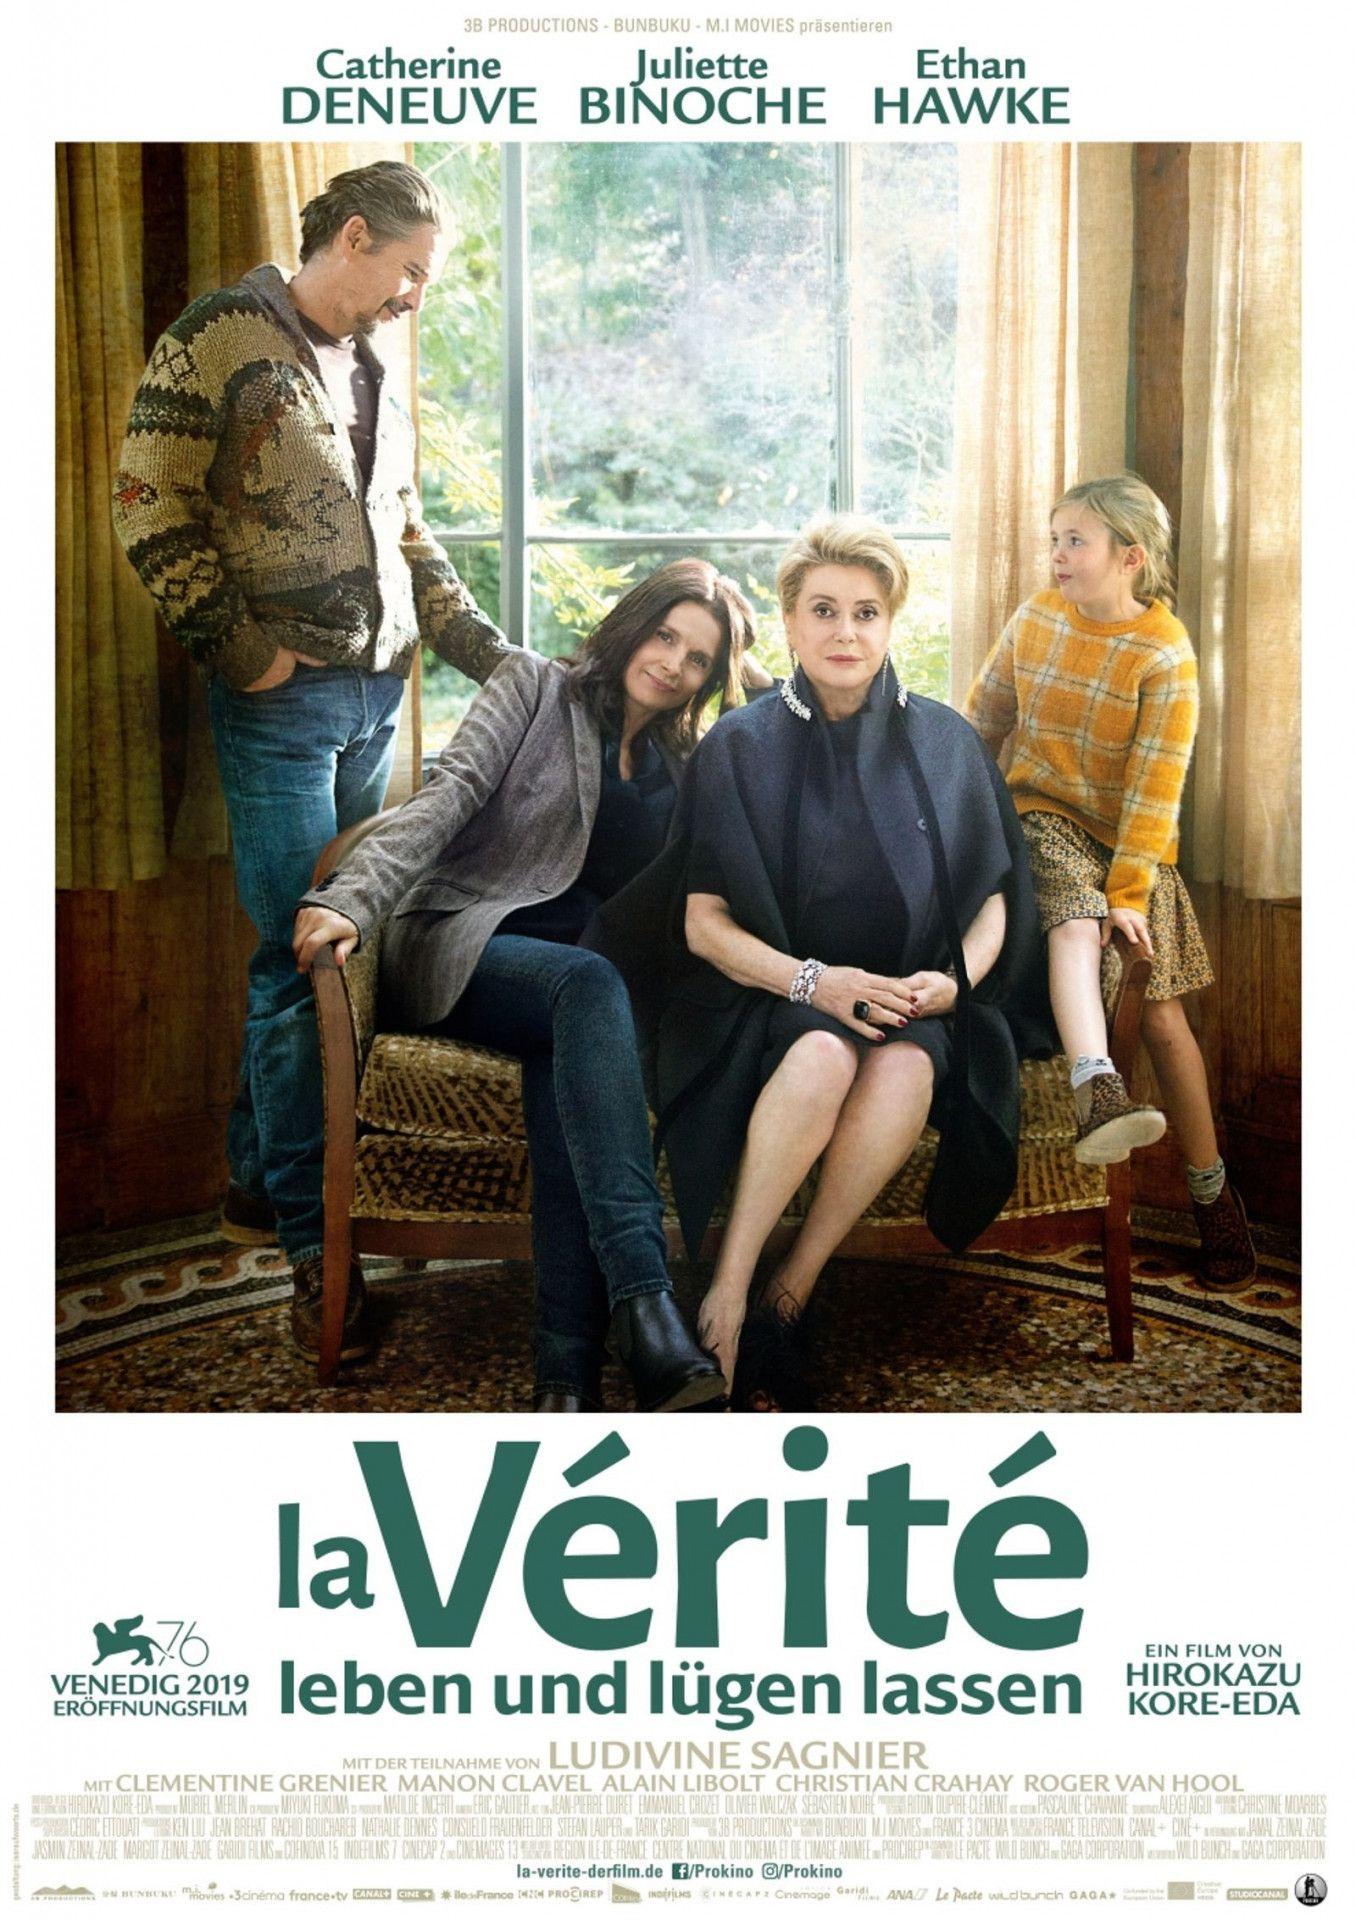 """Catherine Deneuve, Juliette Binoche und Ethan Hawke: Für """"La Vérité - Leben und lügen lassen"""" hat Regisseur Hirokazu Kore-eda ein spektakuläres Ensemble versammelt."""